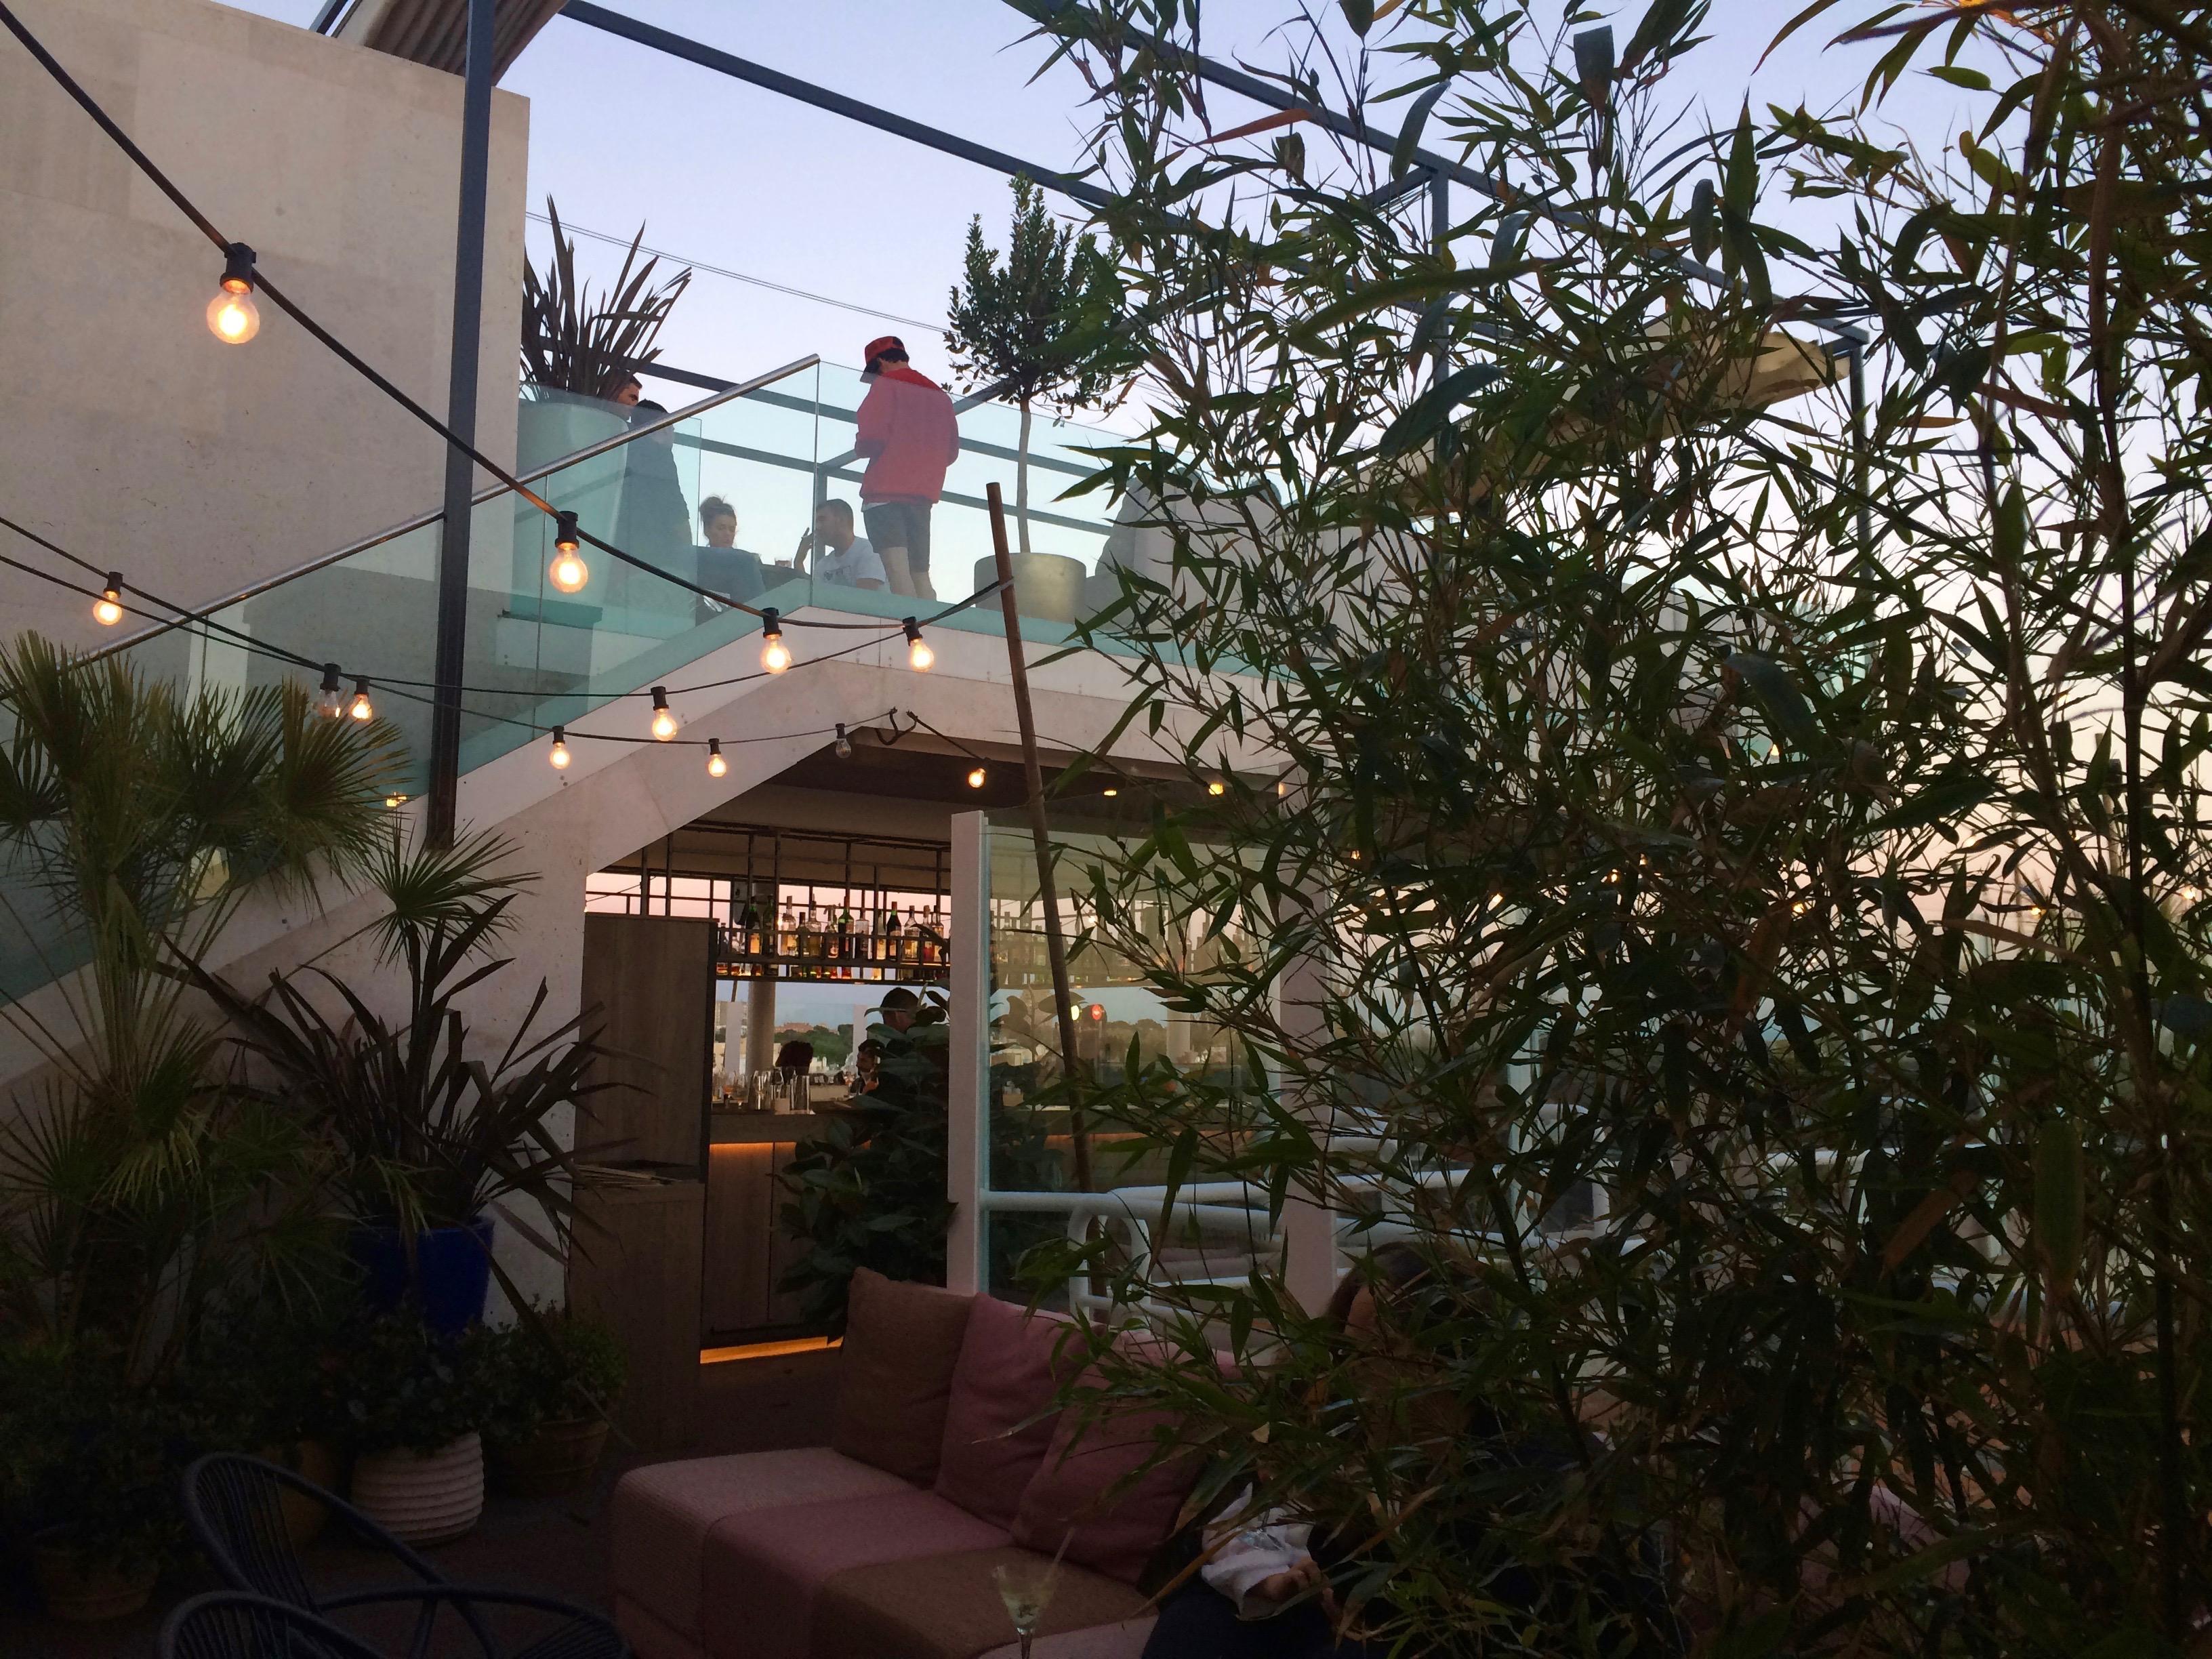 Rooftop-casa suecia-Madrid